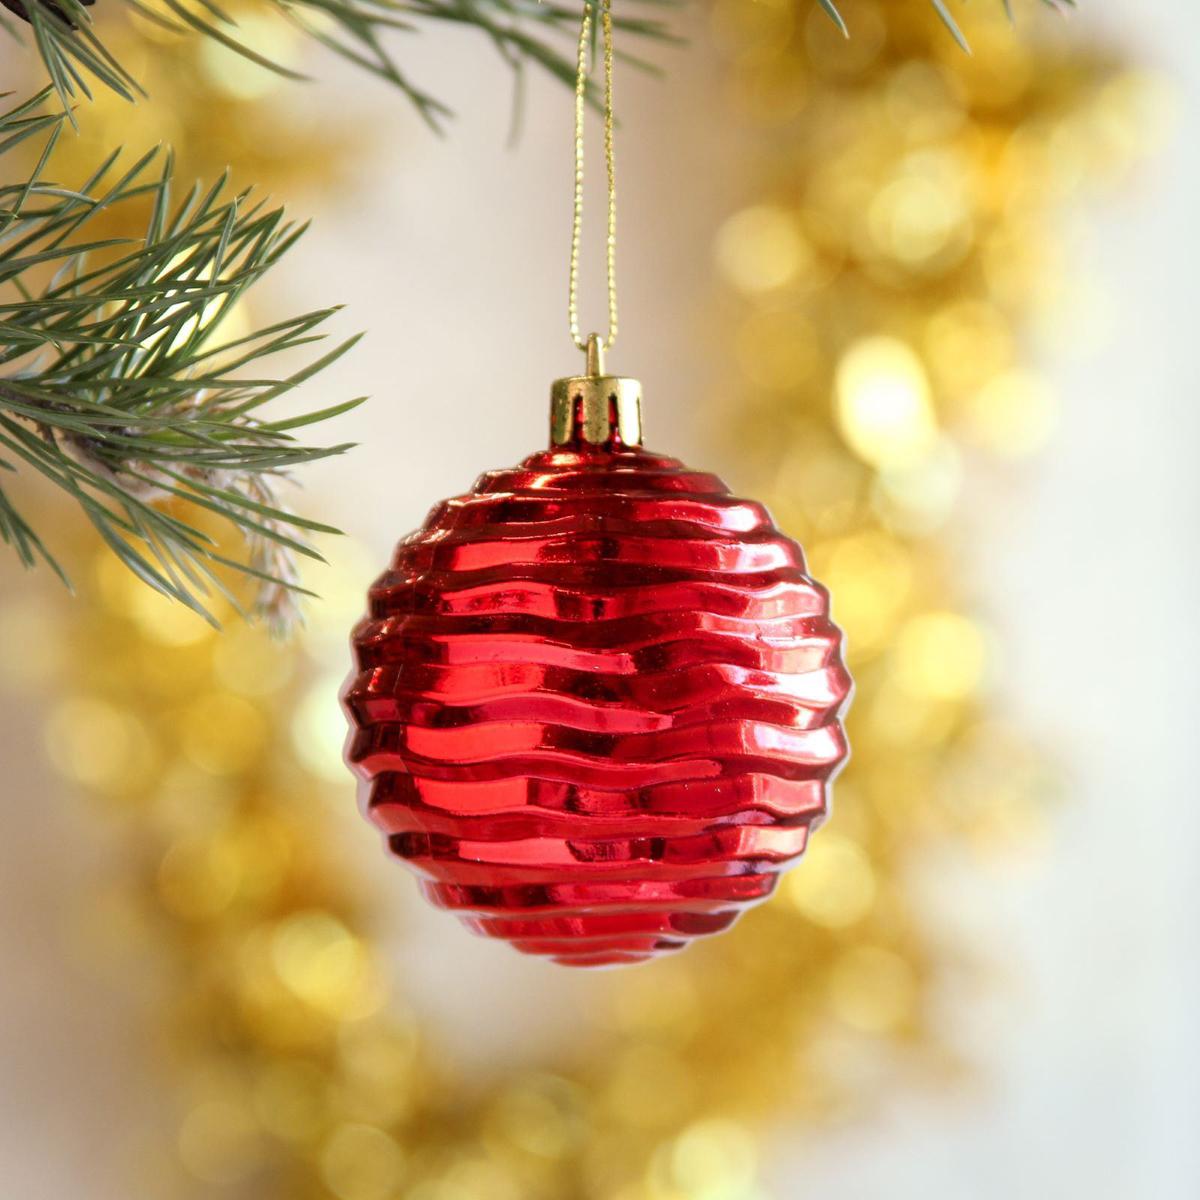 Набор новогодних подвесных украшений Sima-land Приор, диаметр 5,5 см, 8 шт2372194Набор новогодних подвесных украшений Sima-land отлично подойдет для декорации вашего дома и новогодней ели. С помощью специальной петельки украшение можно повесить в любом понравившемся вам месте. Но, конечно, удачнее всего оно будет смотреться на праздничной елке. Елочная игрушка - символ Нового года. Она несет в себе волшебство и красоту праздника. Создайте в своем доме атмосферу веселья и радости, украшая новогоднюю елку нарядными игрушками, которые будут из года в год накапливать теплоту воспоминаний.